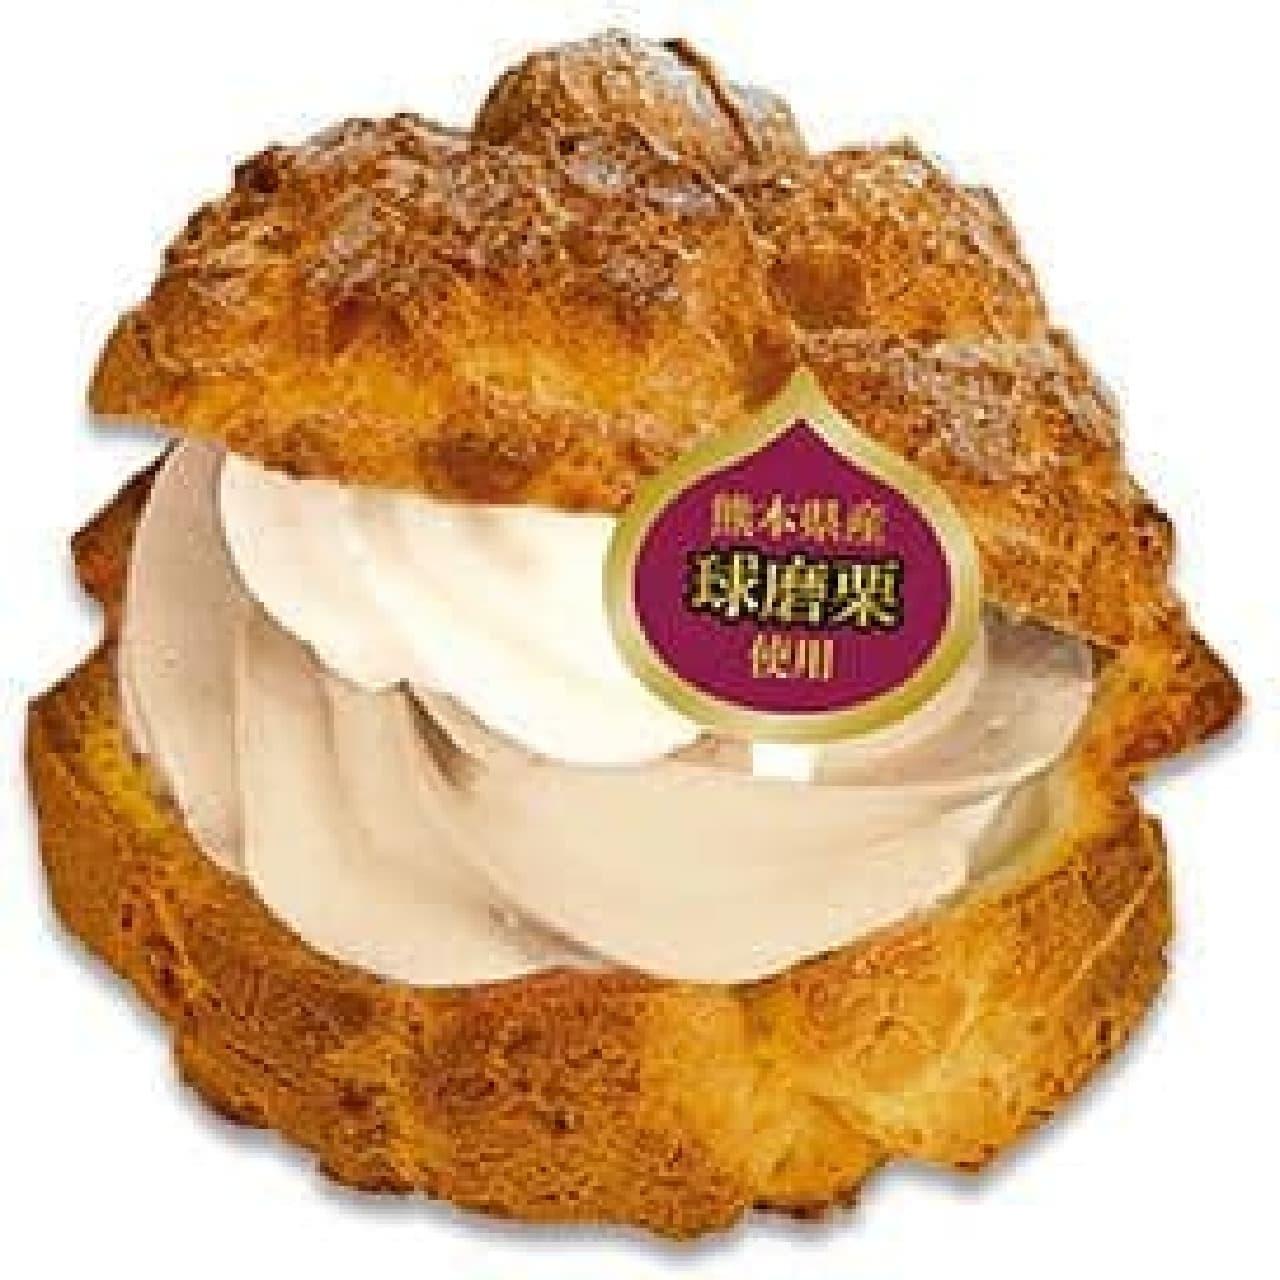 不二家洋菓子店「窯焼きダブルシュークリーム(熊本県産球磨栗)」